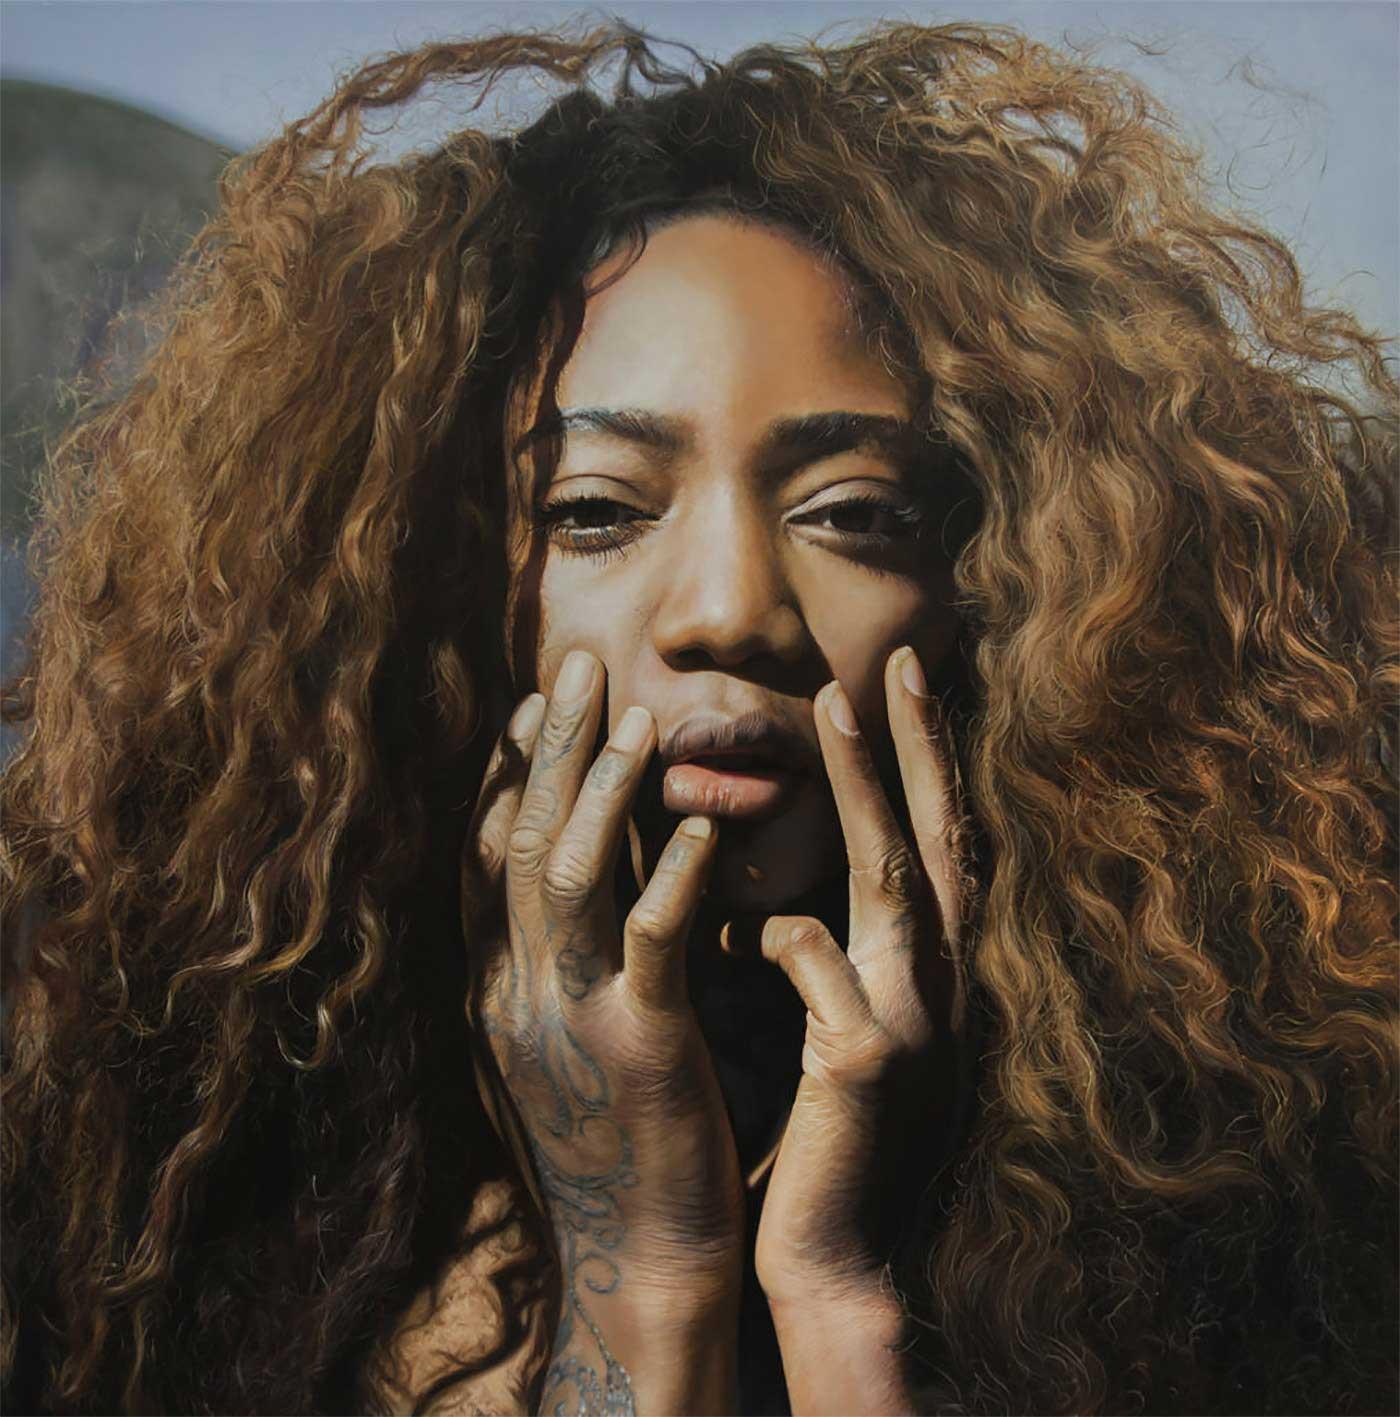 Neue hyperrealistische Gemälde von Yigal Ozeri Yigal-Ozeri-2018_02